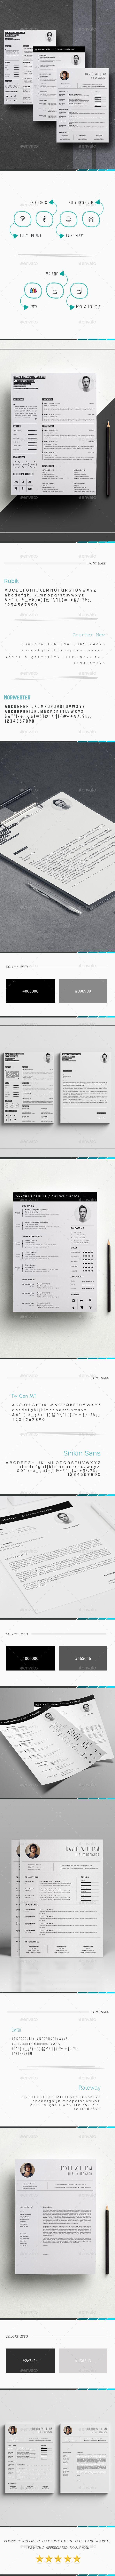 word resume bundle - Template Resume Word